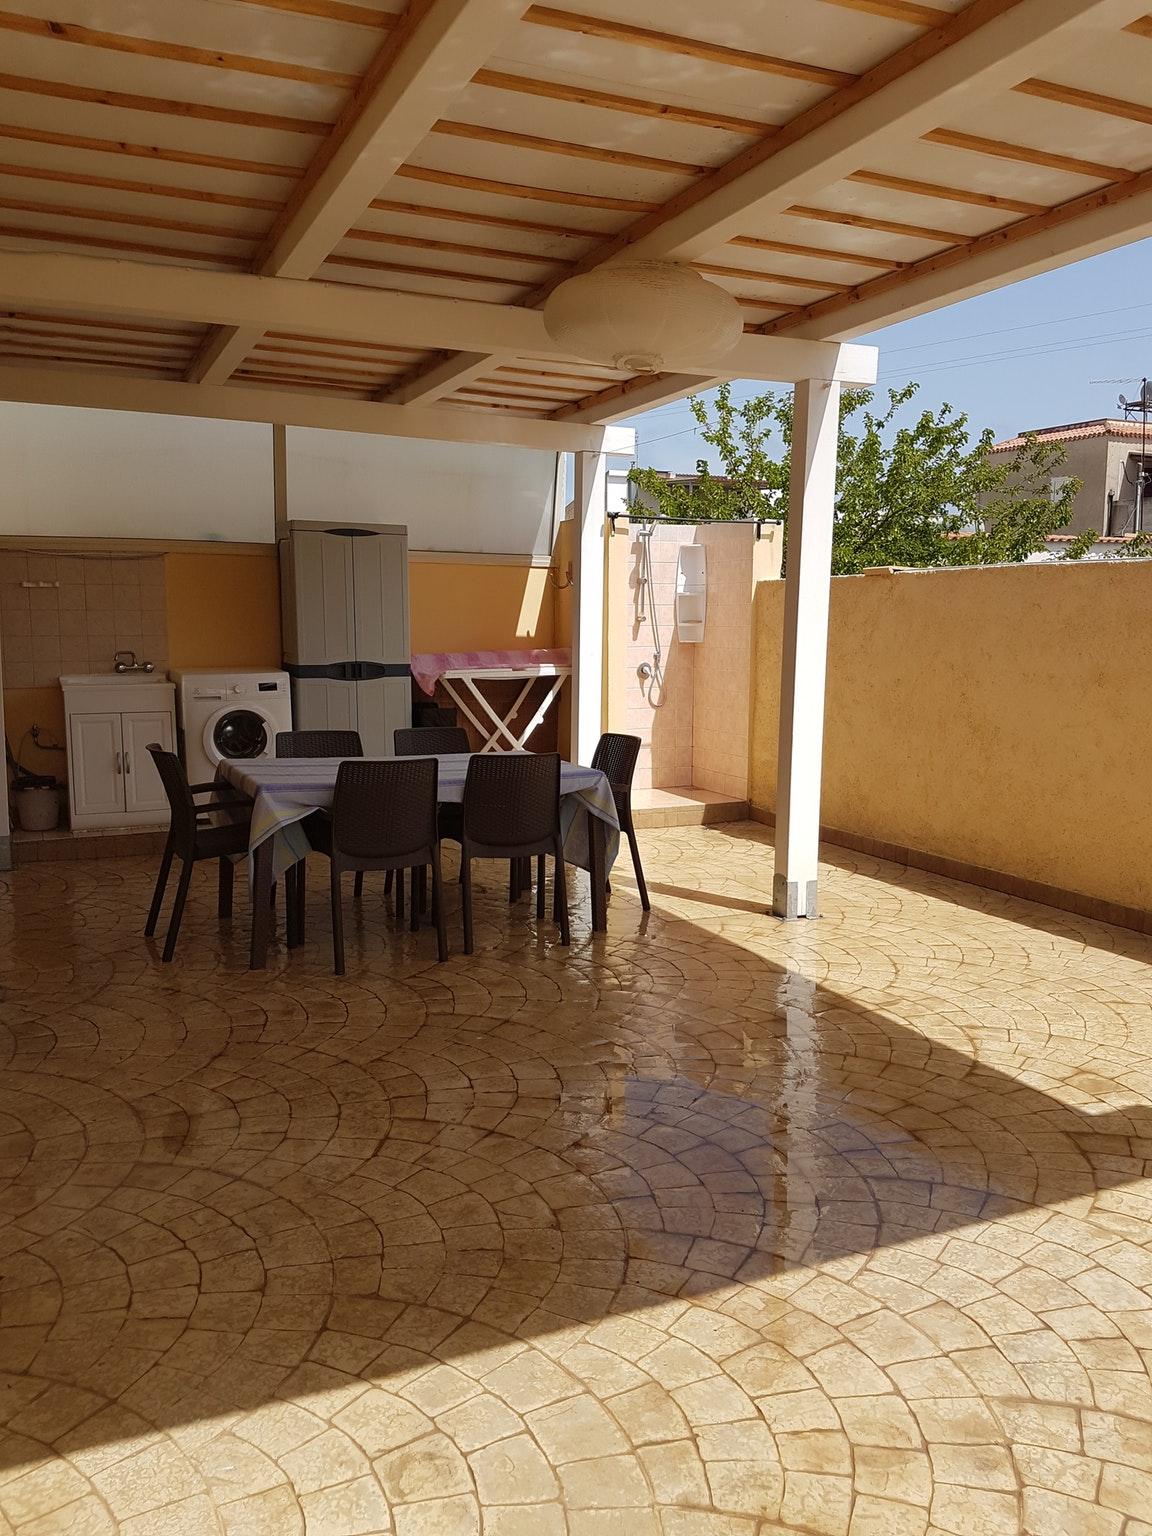 Maison de vacances Haus mit 2 Schlafzimmern in Lido di Noto mit möblierter Terrasse - 200 m vom Strand entfer (2420348), Lido di Noto, Siracusa, Sicile, Italie, image 14